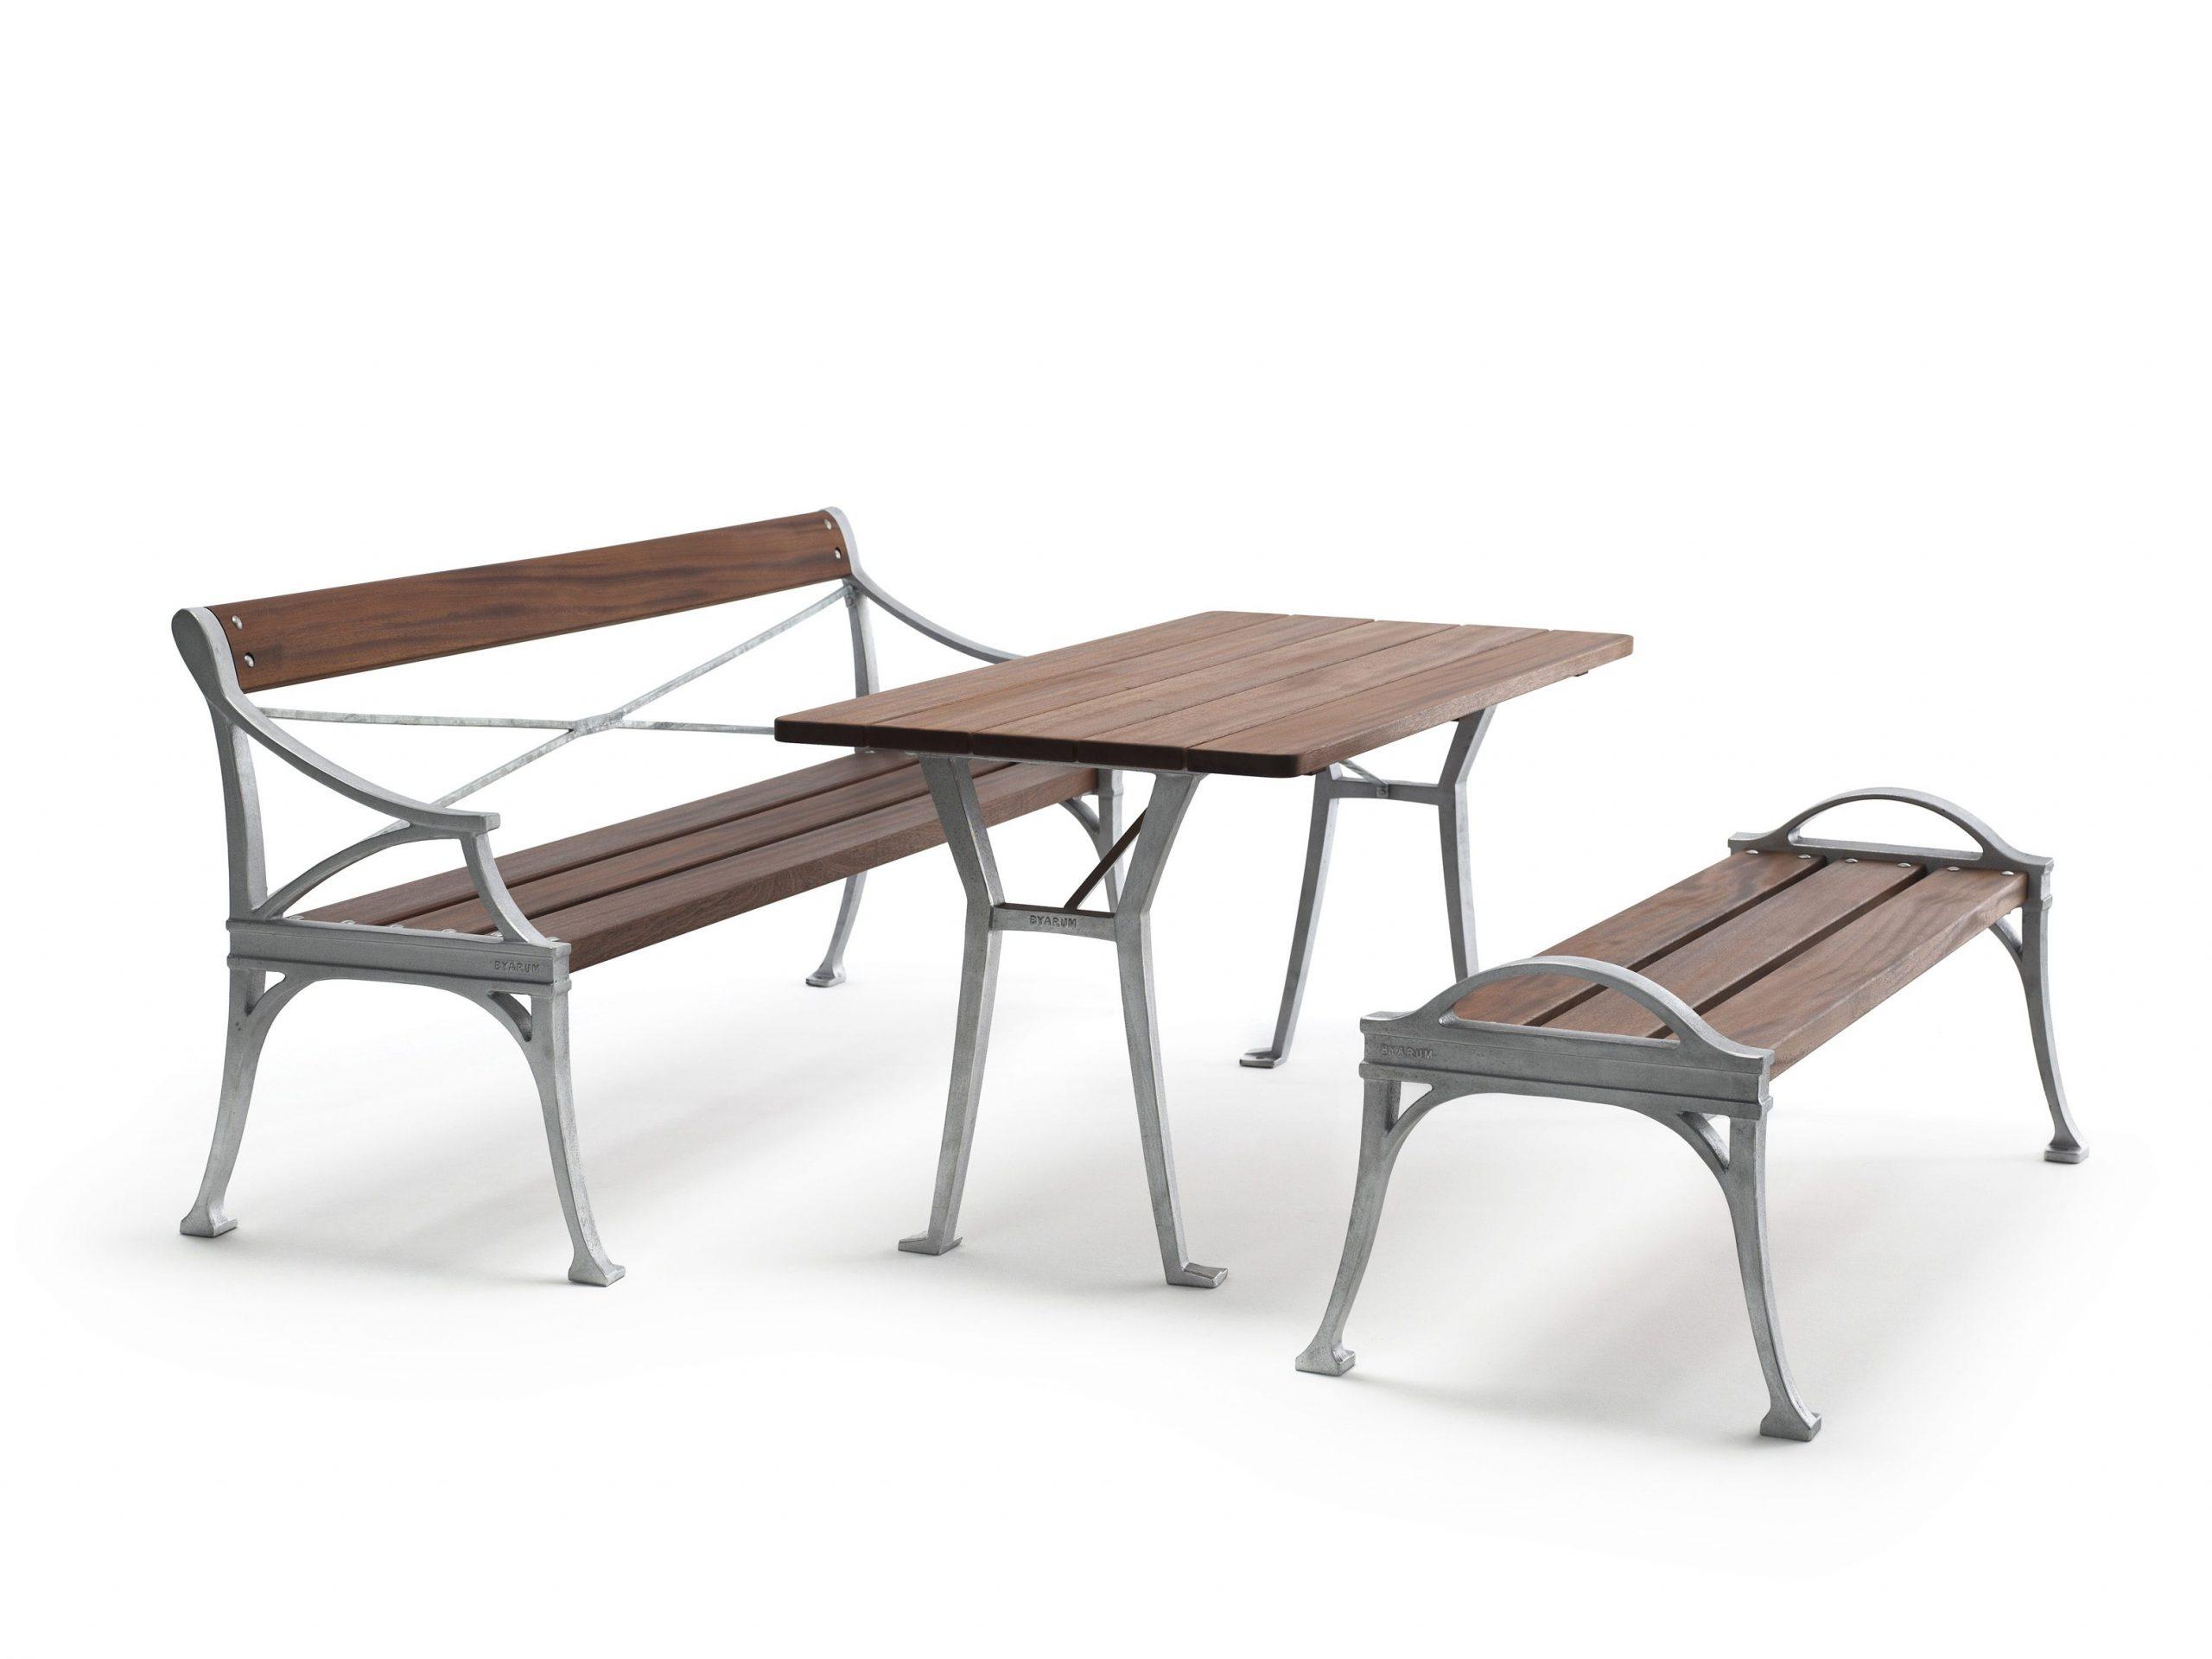 Lessebo soffa, bord och bänk från Byarums Bruk.